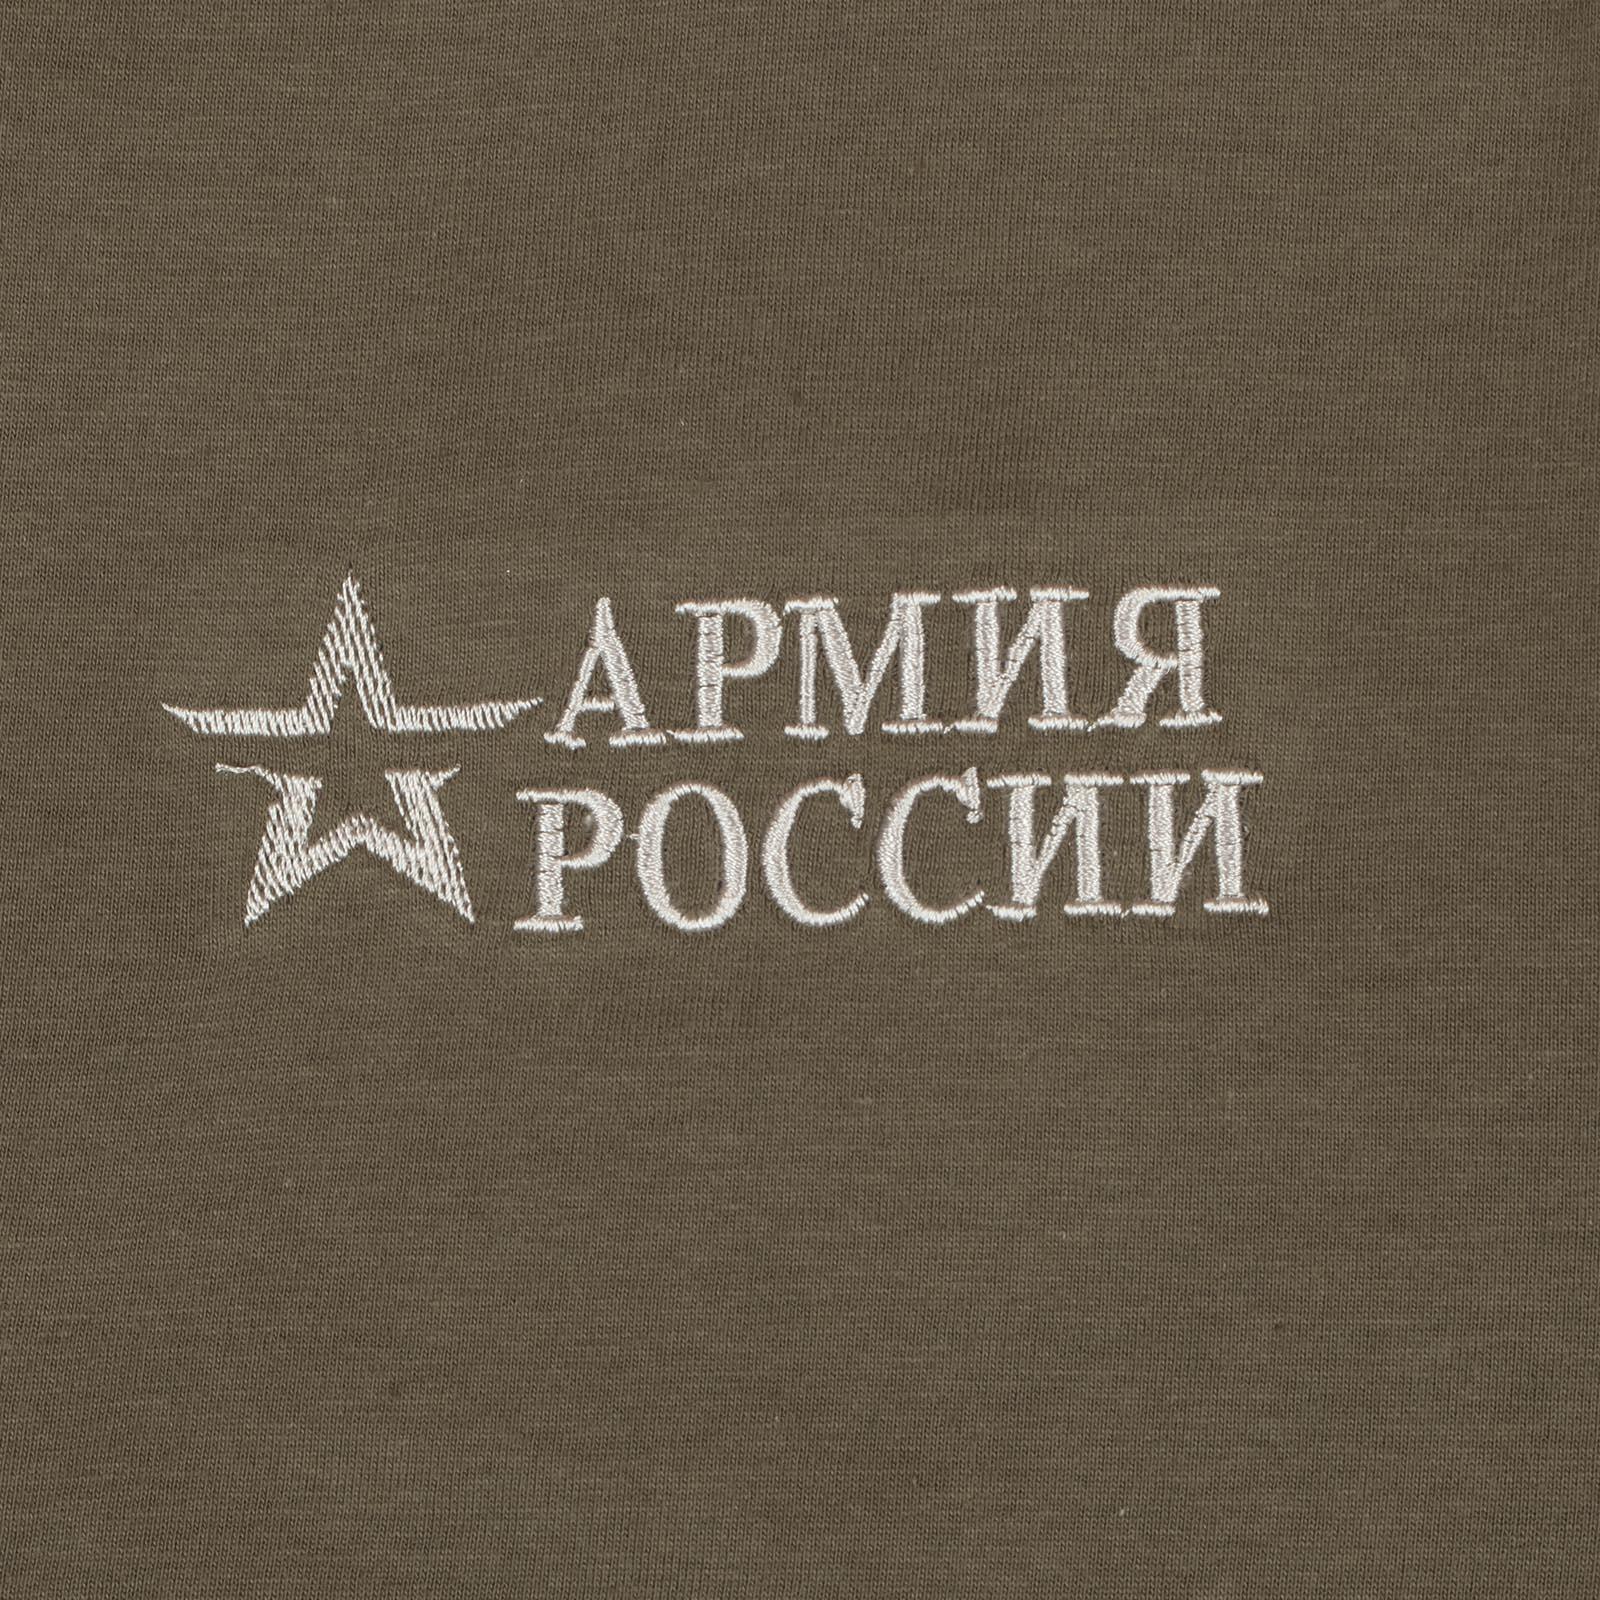 Оливковая футболка с вышивкой Армия России